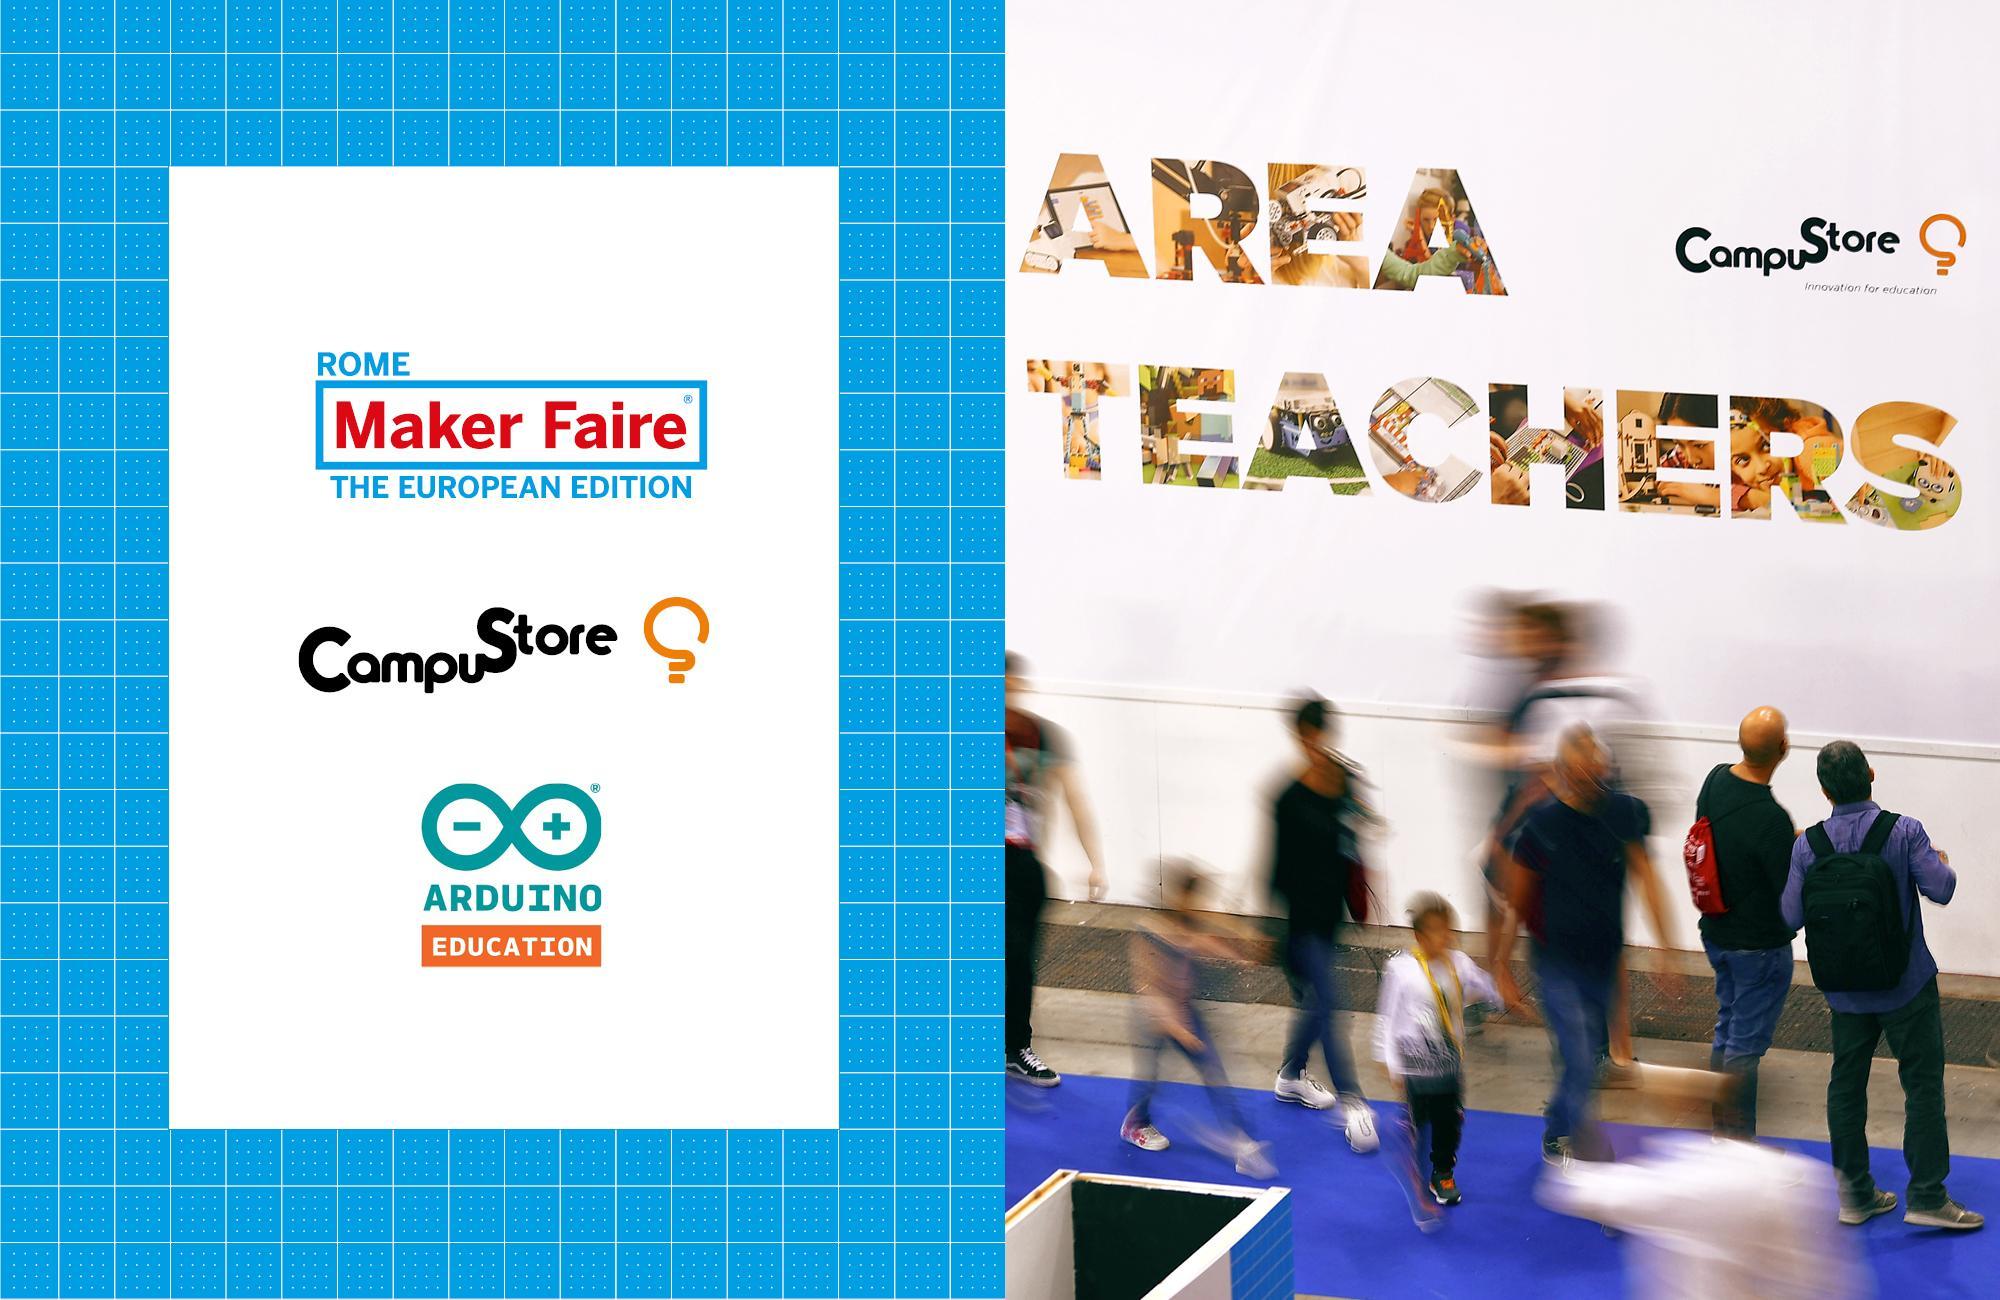 Massimo Banzi: Arduino Education Learning Evolution - il co-fondatore di Arduino racconta le nuove sfide che ritiene cruciali ora per il mondo della scuola